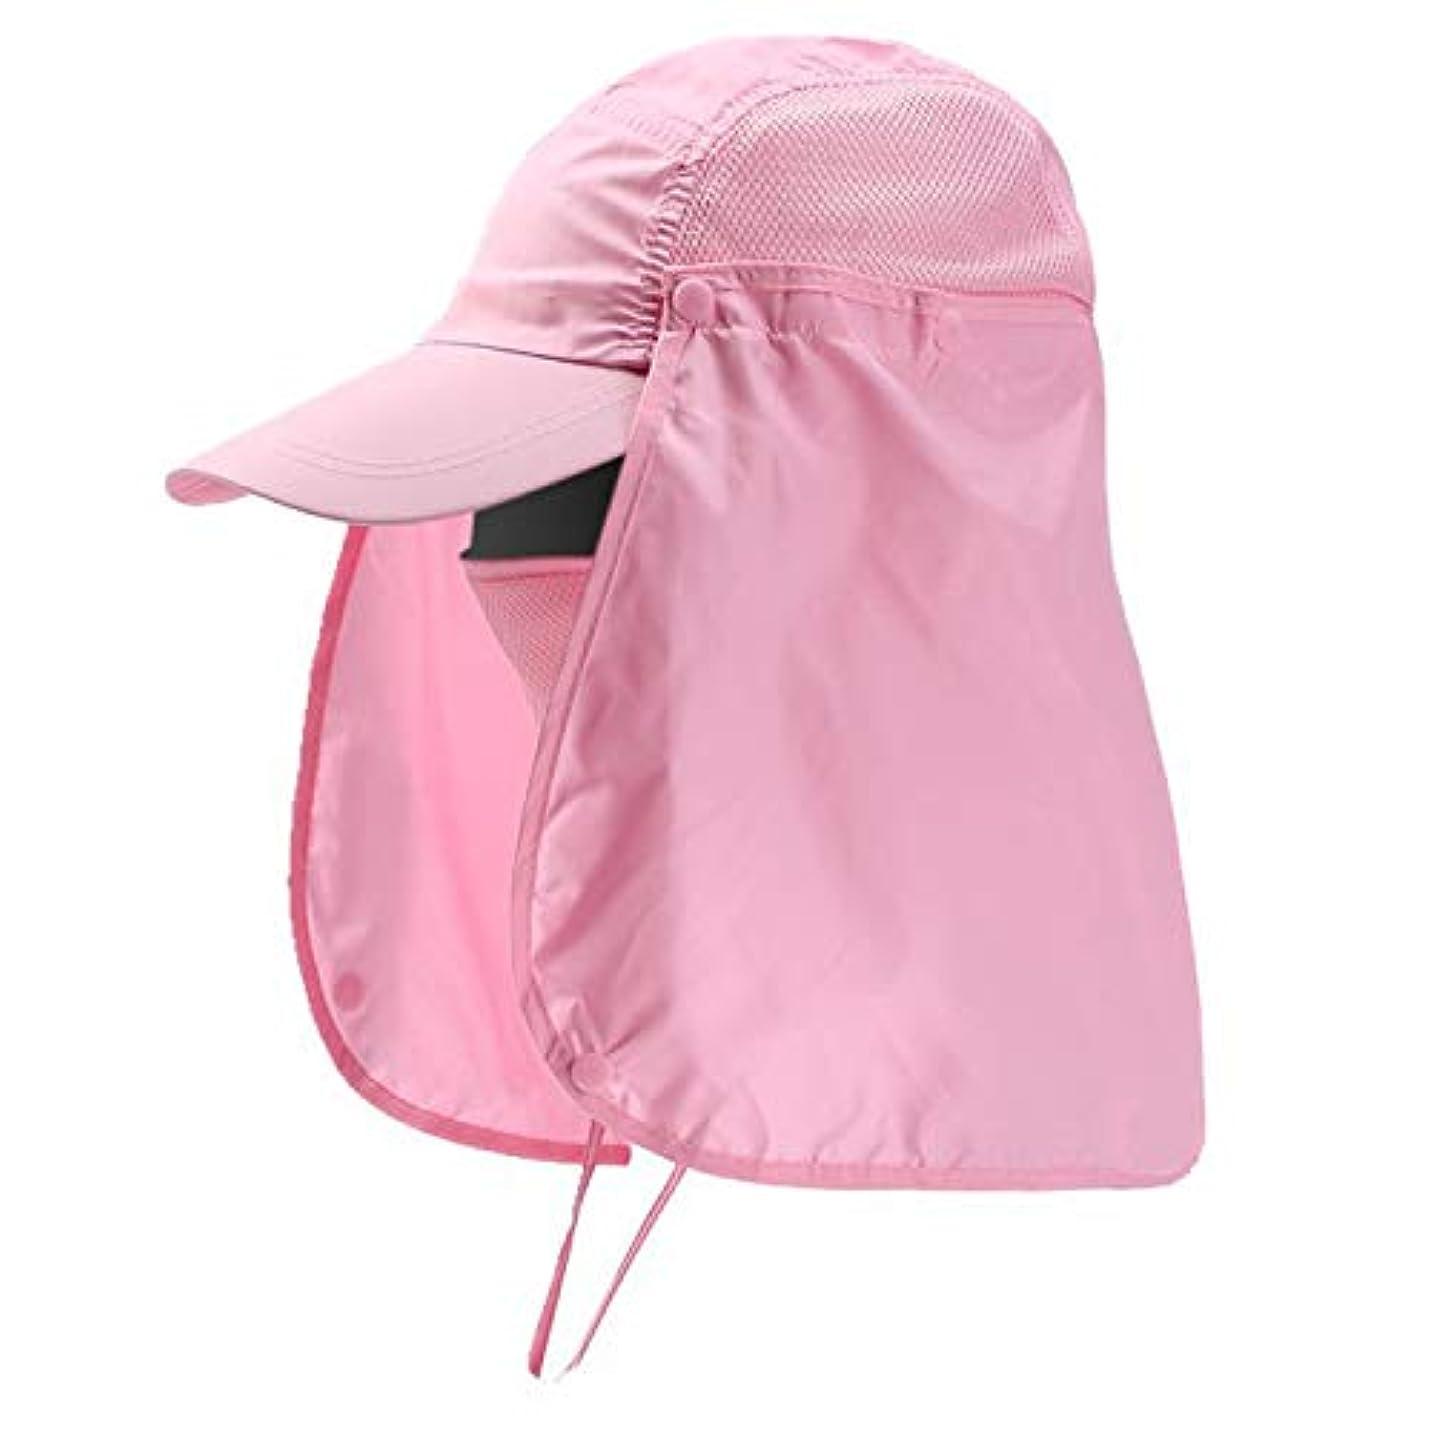 教義バンジョー実業家WONDER LABO(ワンダーラボ) 日よけ帽子 メンズレディース兼用 360度UVカット 日除け 紫外線対策 首ガード キャップ ランニング 釣り アウトドア 農作業 ガーデニング 夏フェス に! [Y2]